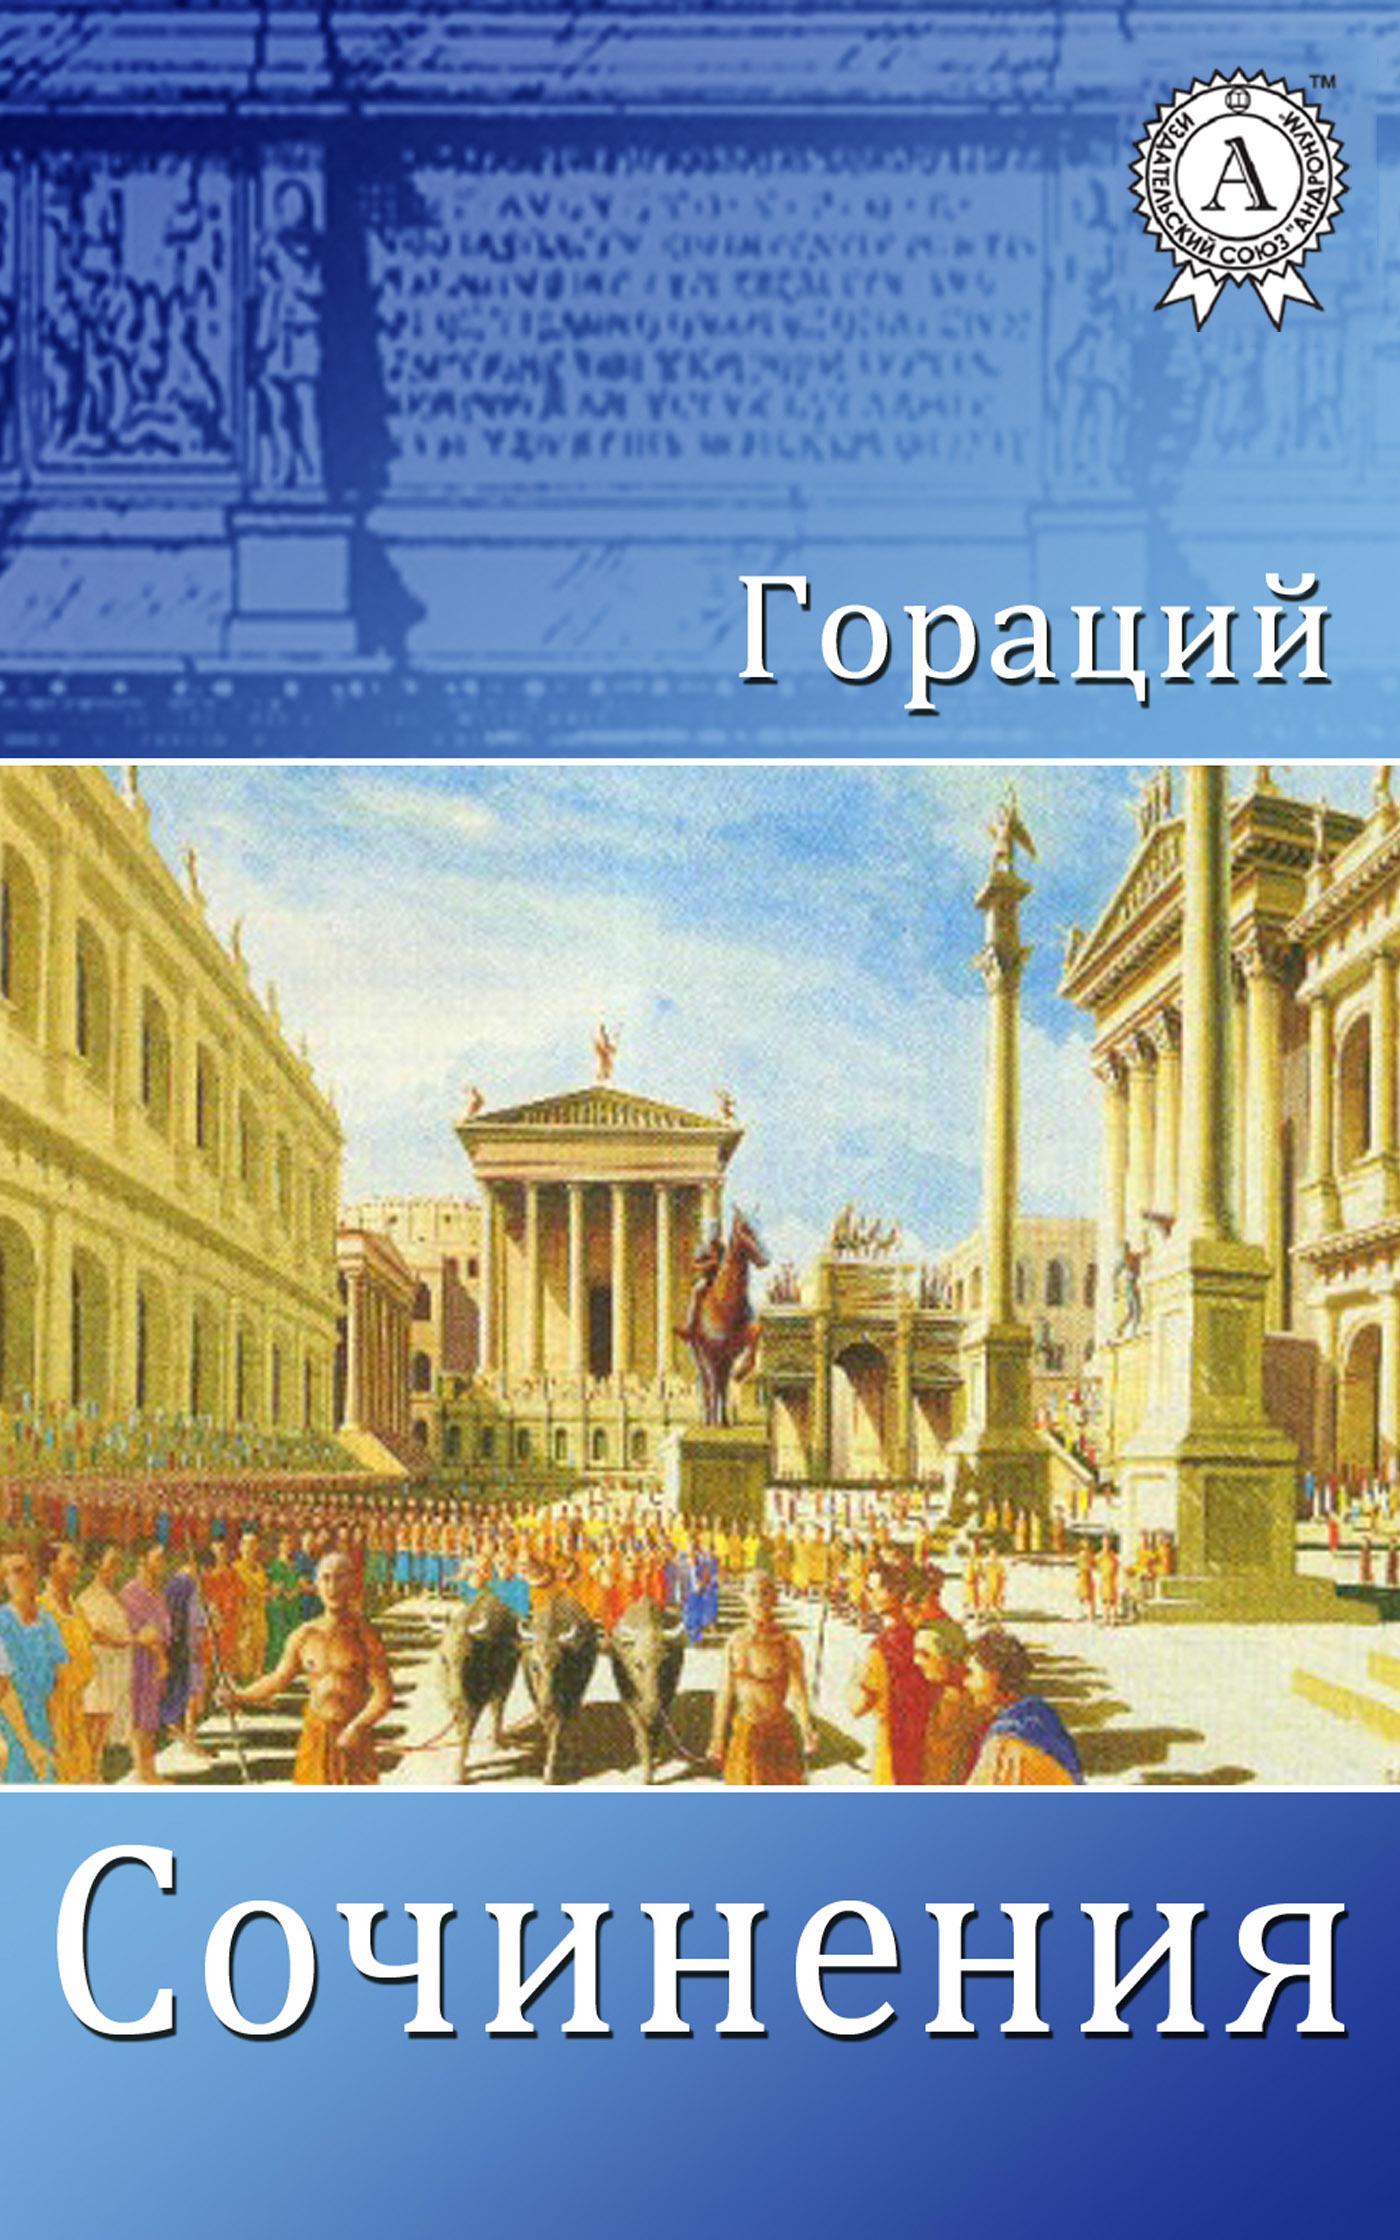 Гораций «Сочинения»